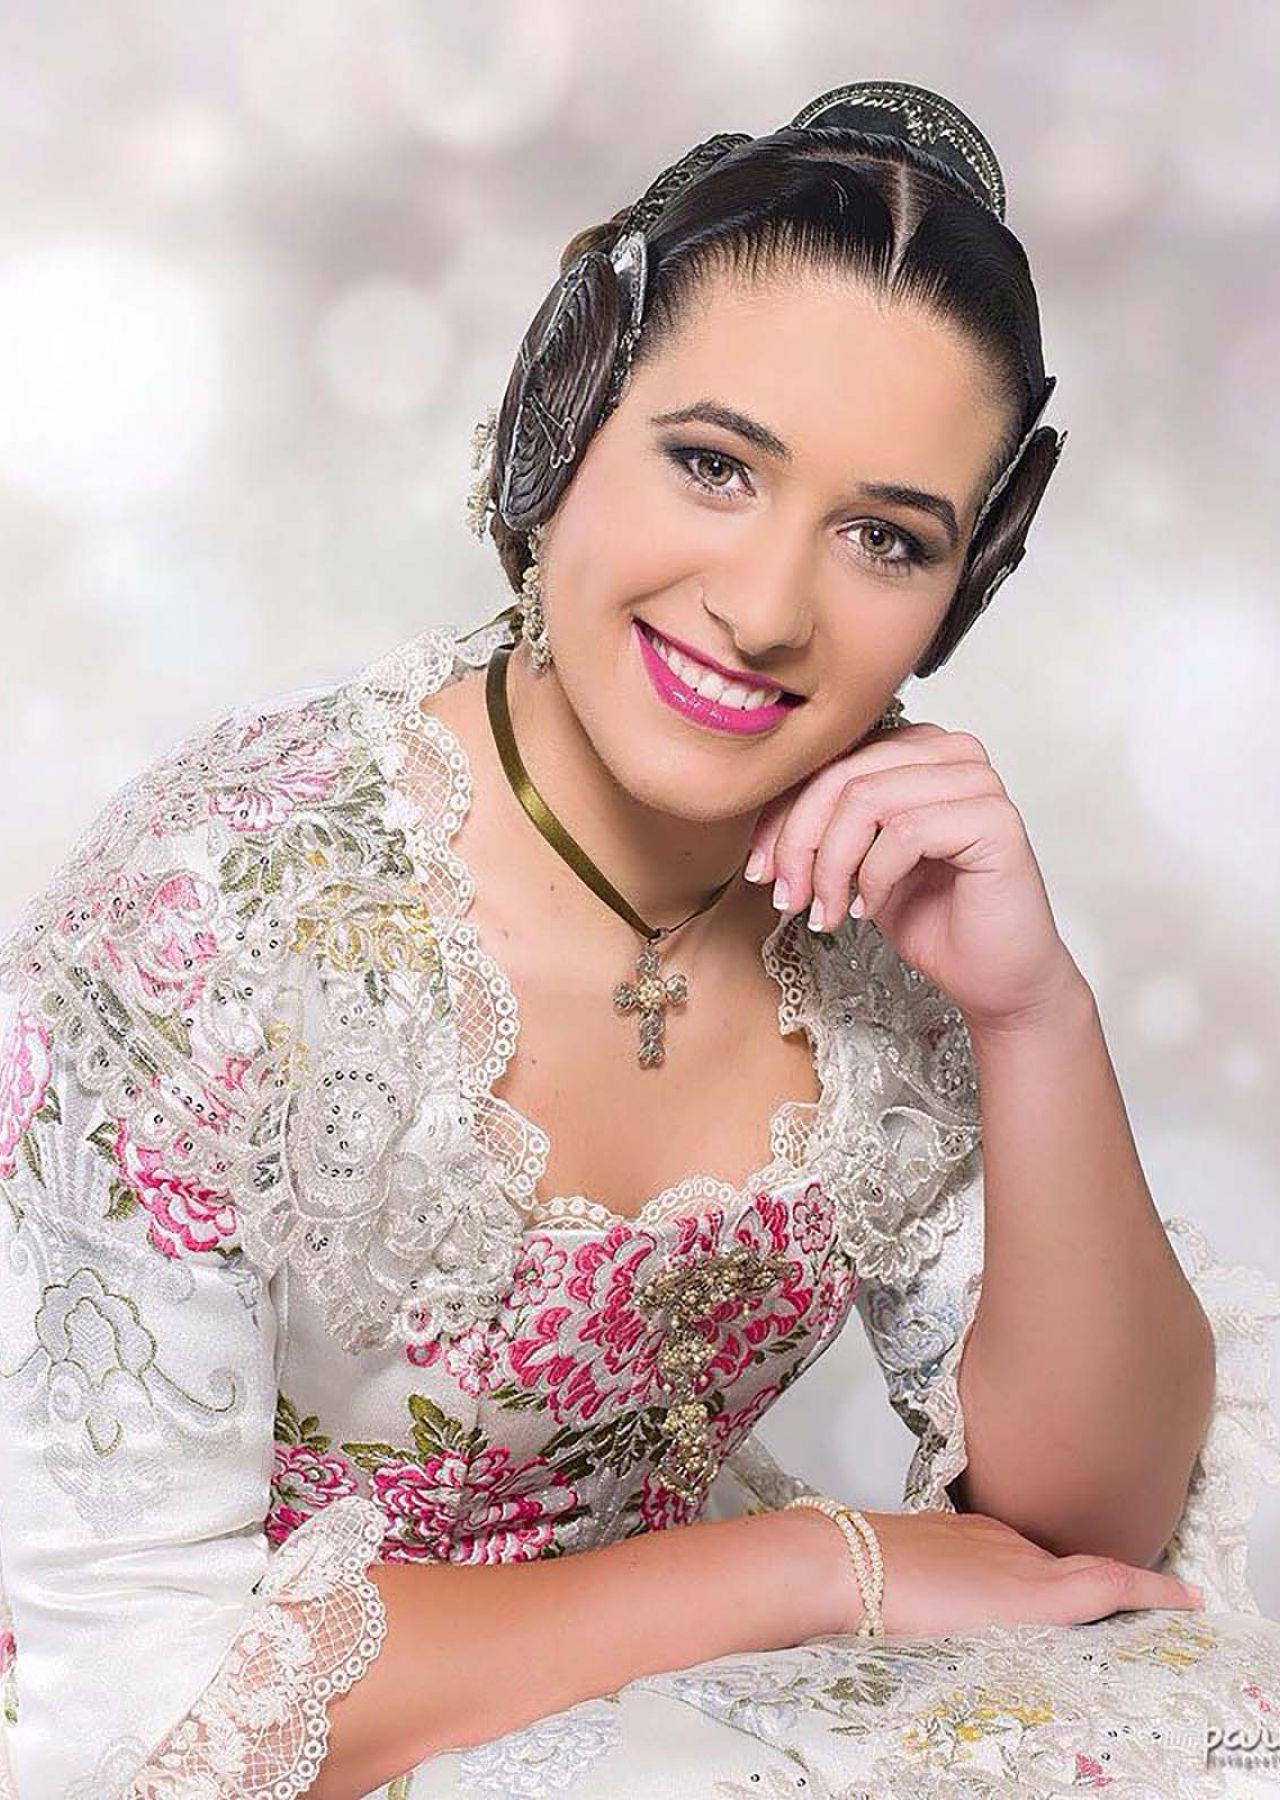 Andrea Lopez Salvador